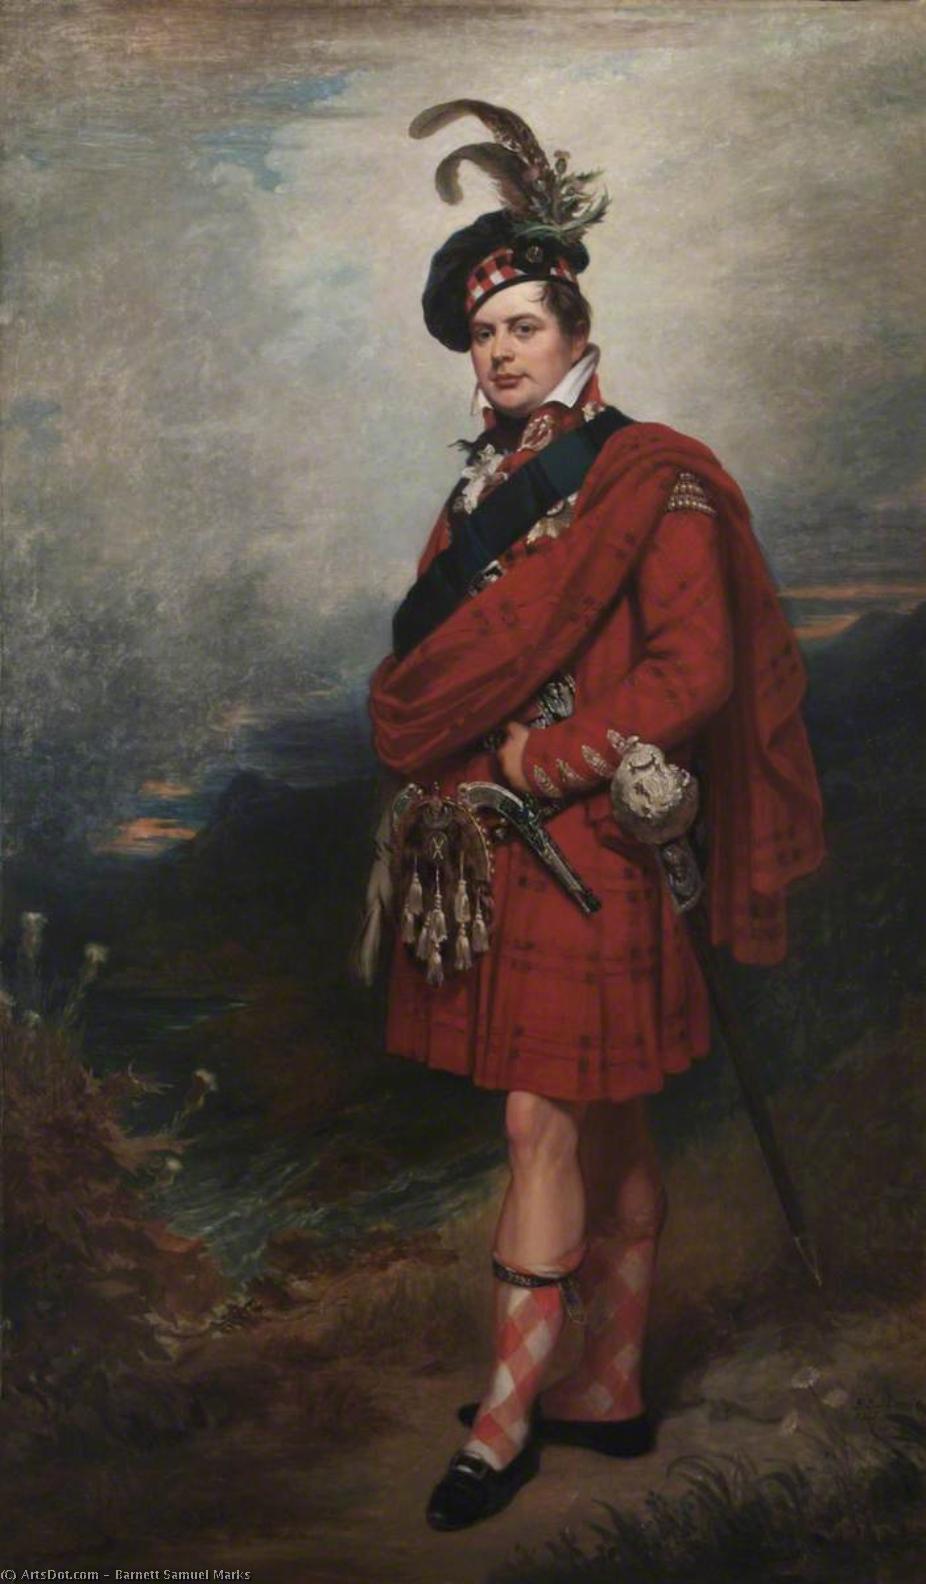 Свадебный подарок королевы Гарри и его невесте: титулы, которые не Barnett-samuel-marks-hrh-augustus-frederick-1773-1843-duke-of-sussex.Jpg